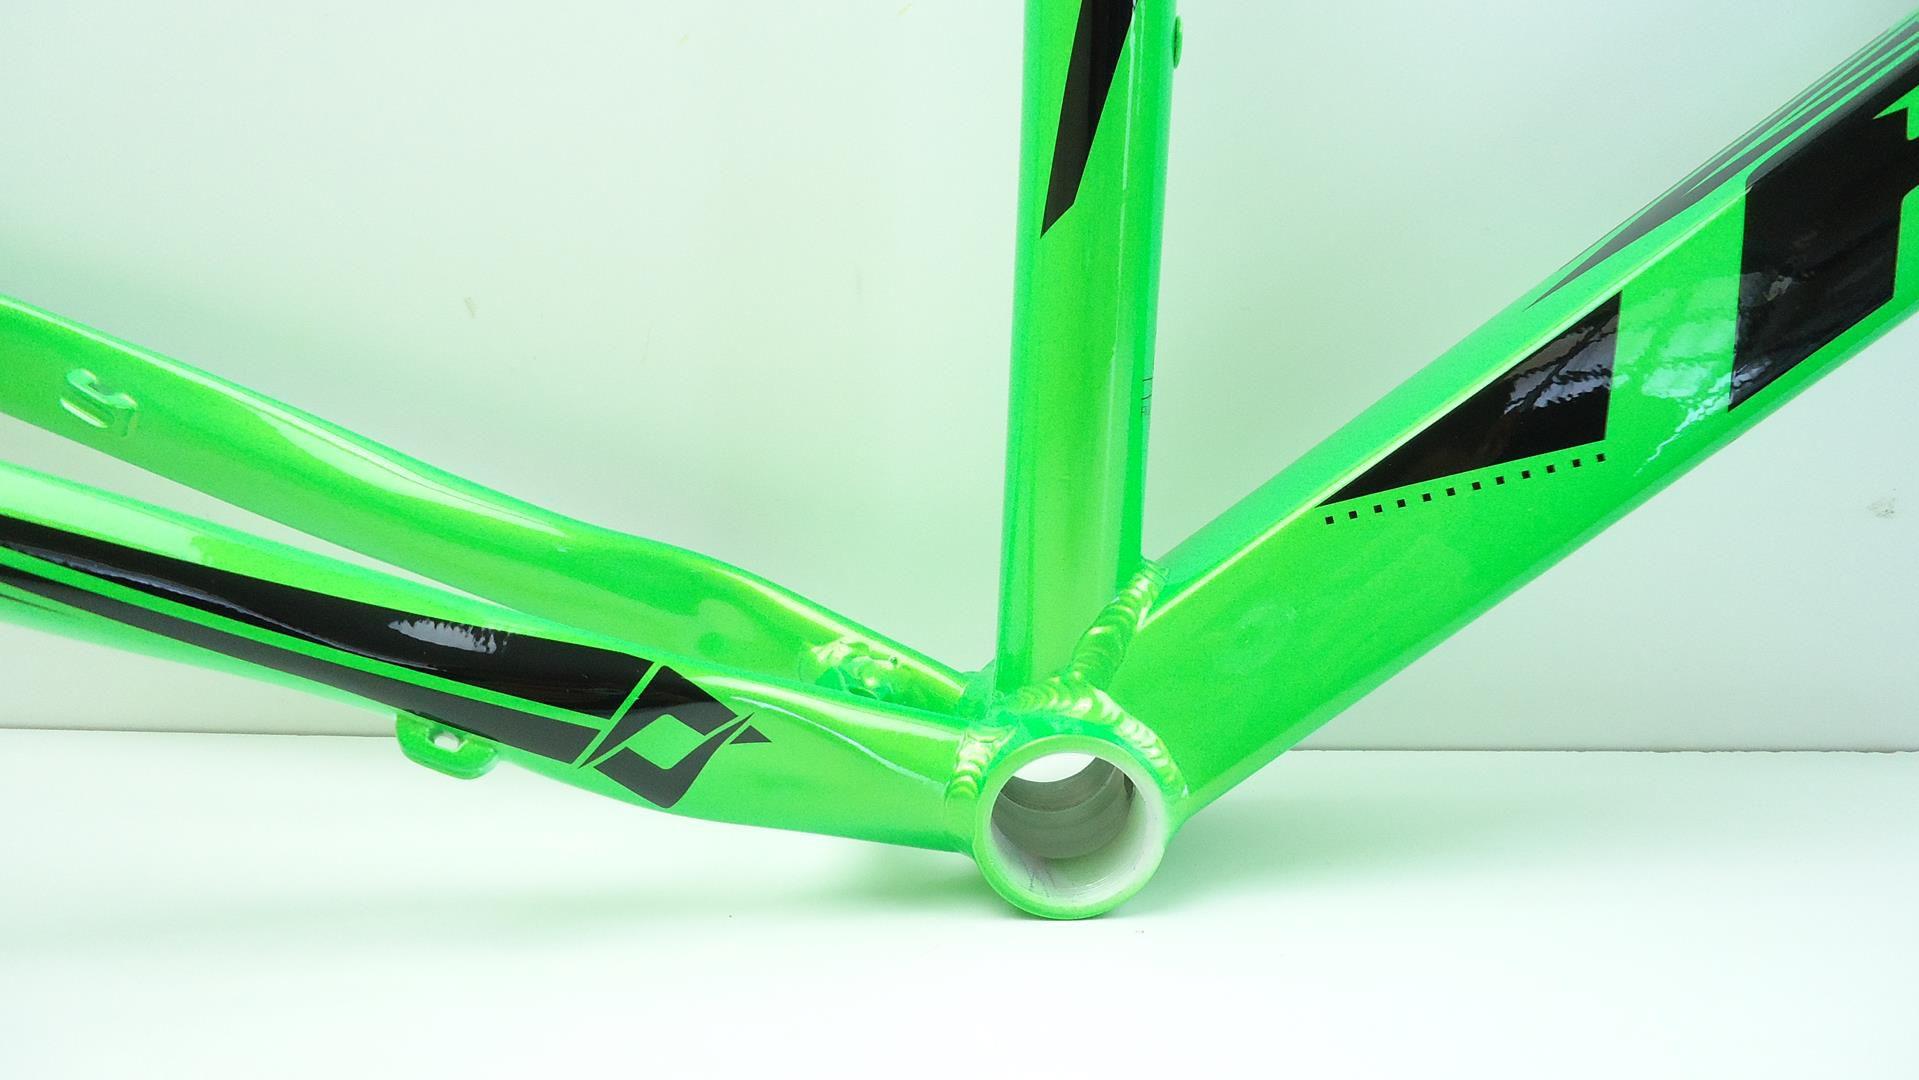 Quadro Bicicleta Mtb First Athymus Colors Aro 29 Tamanho 21 Verde Brilhante em Aluminio + Brinde